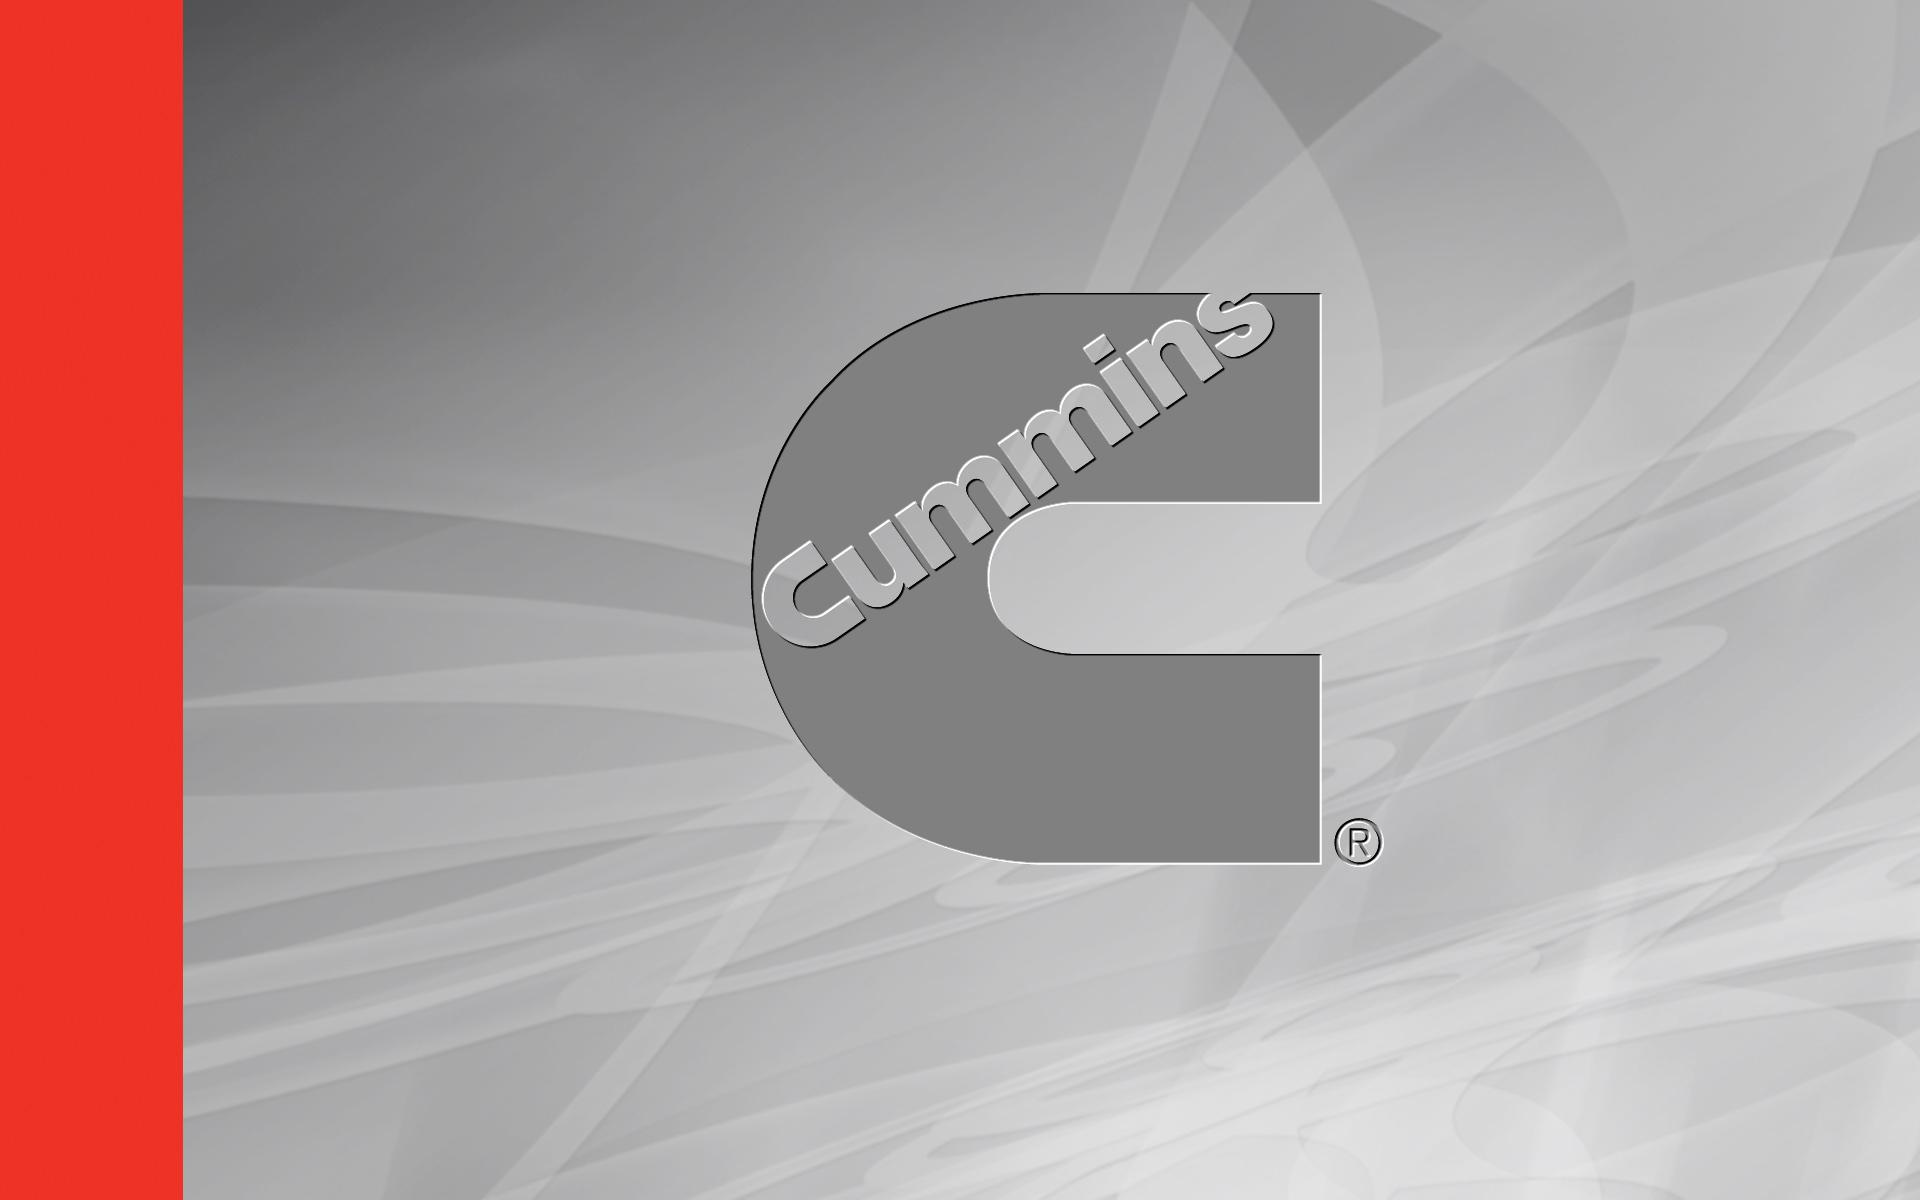 Cummins Wallpaper for Pinterest 1920x1200